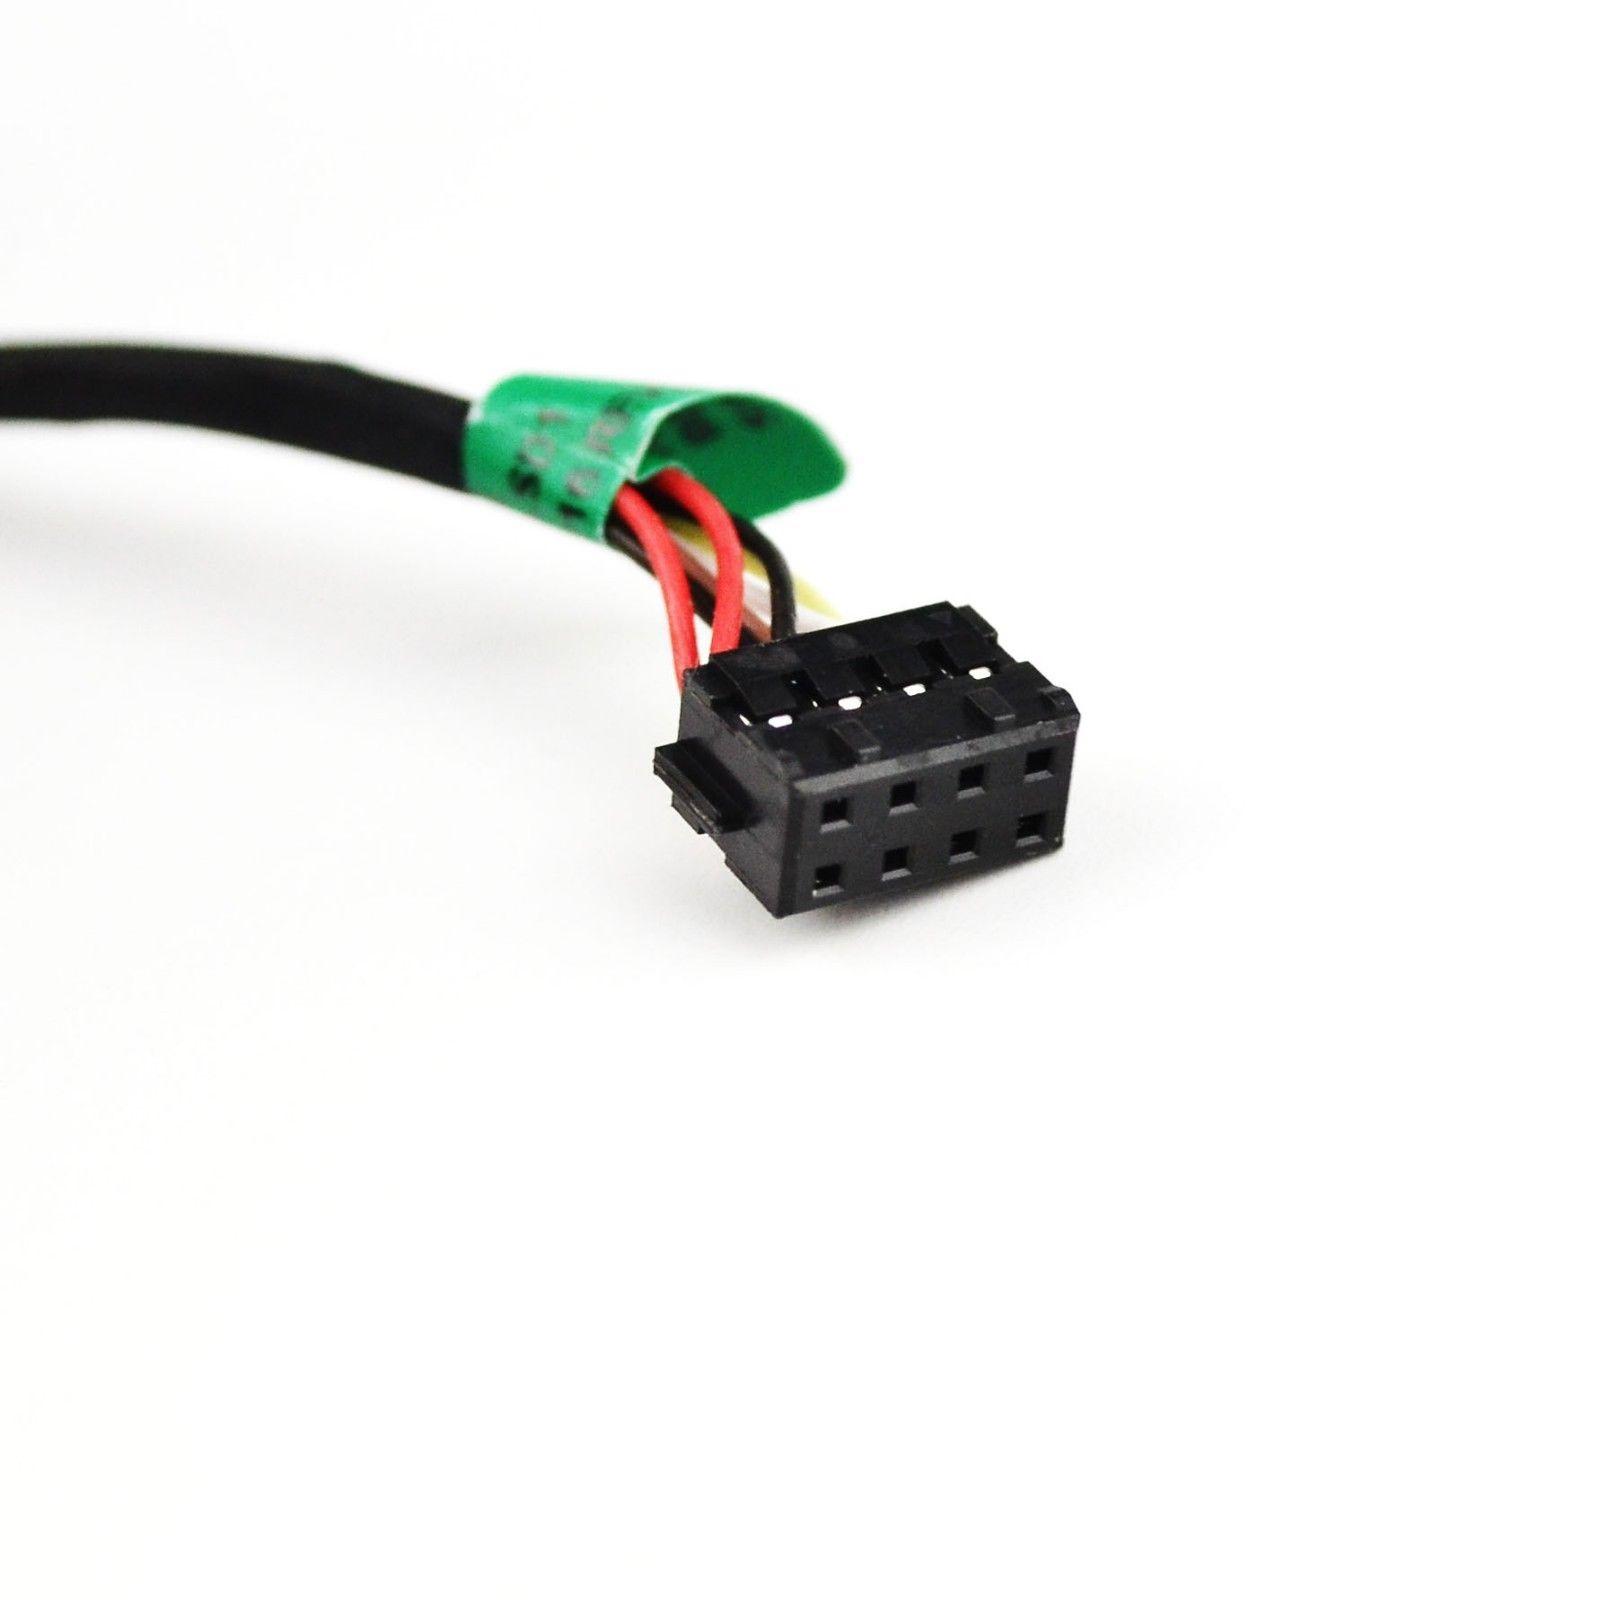 DC AC Power Jack Flex Cable For HP Pavilion P//N 709802-YD1 CBL00360-0150 719859